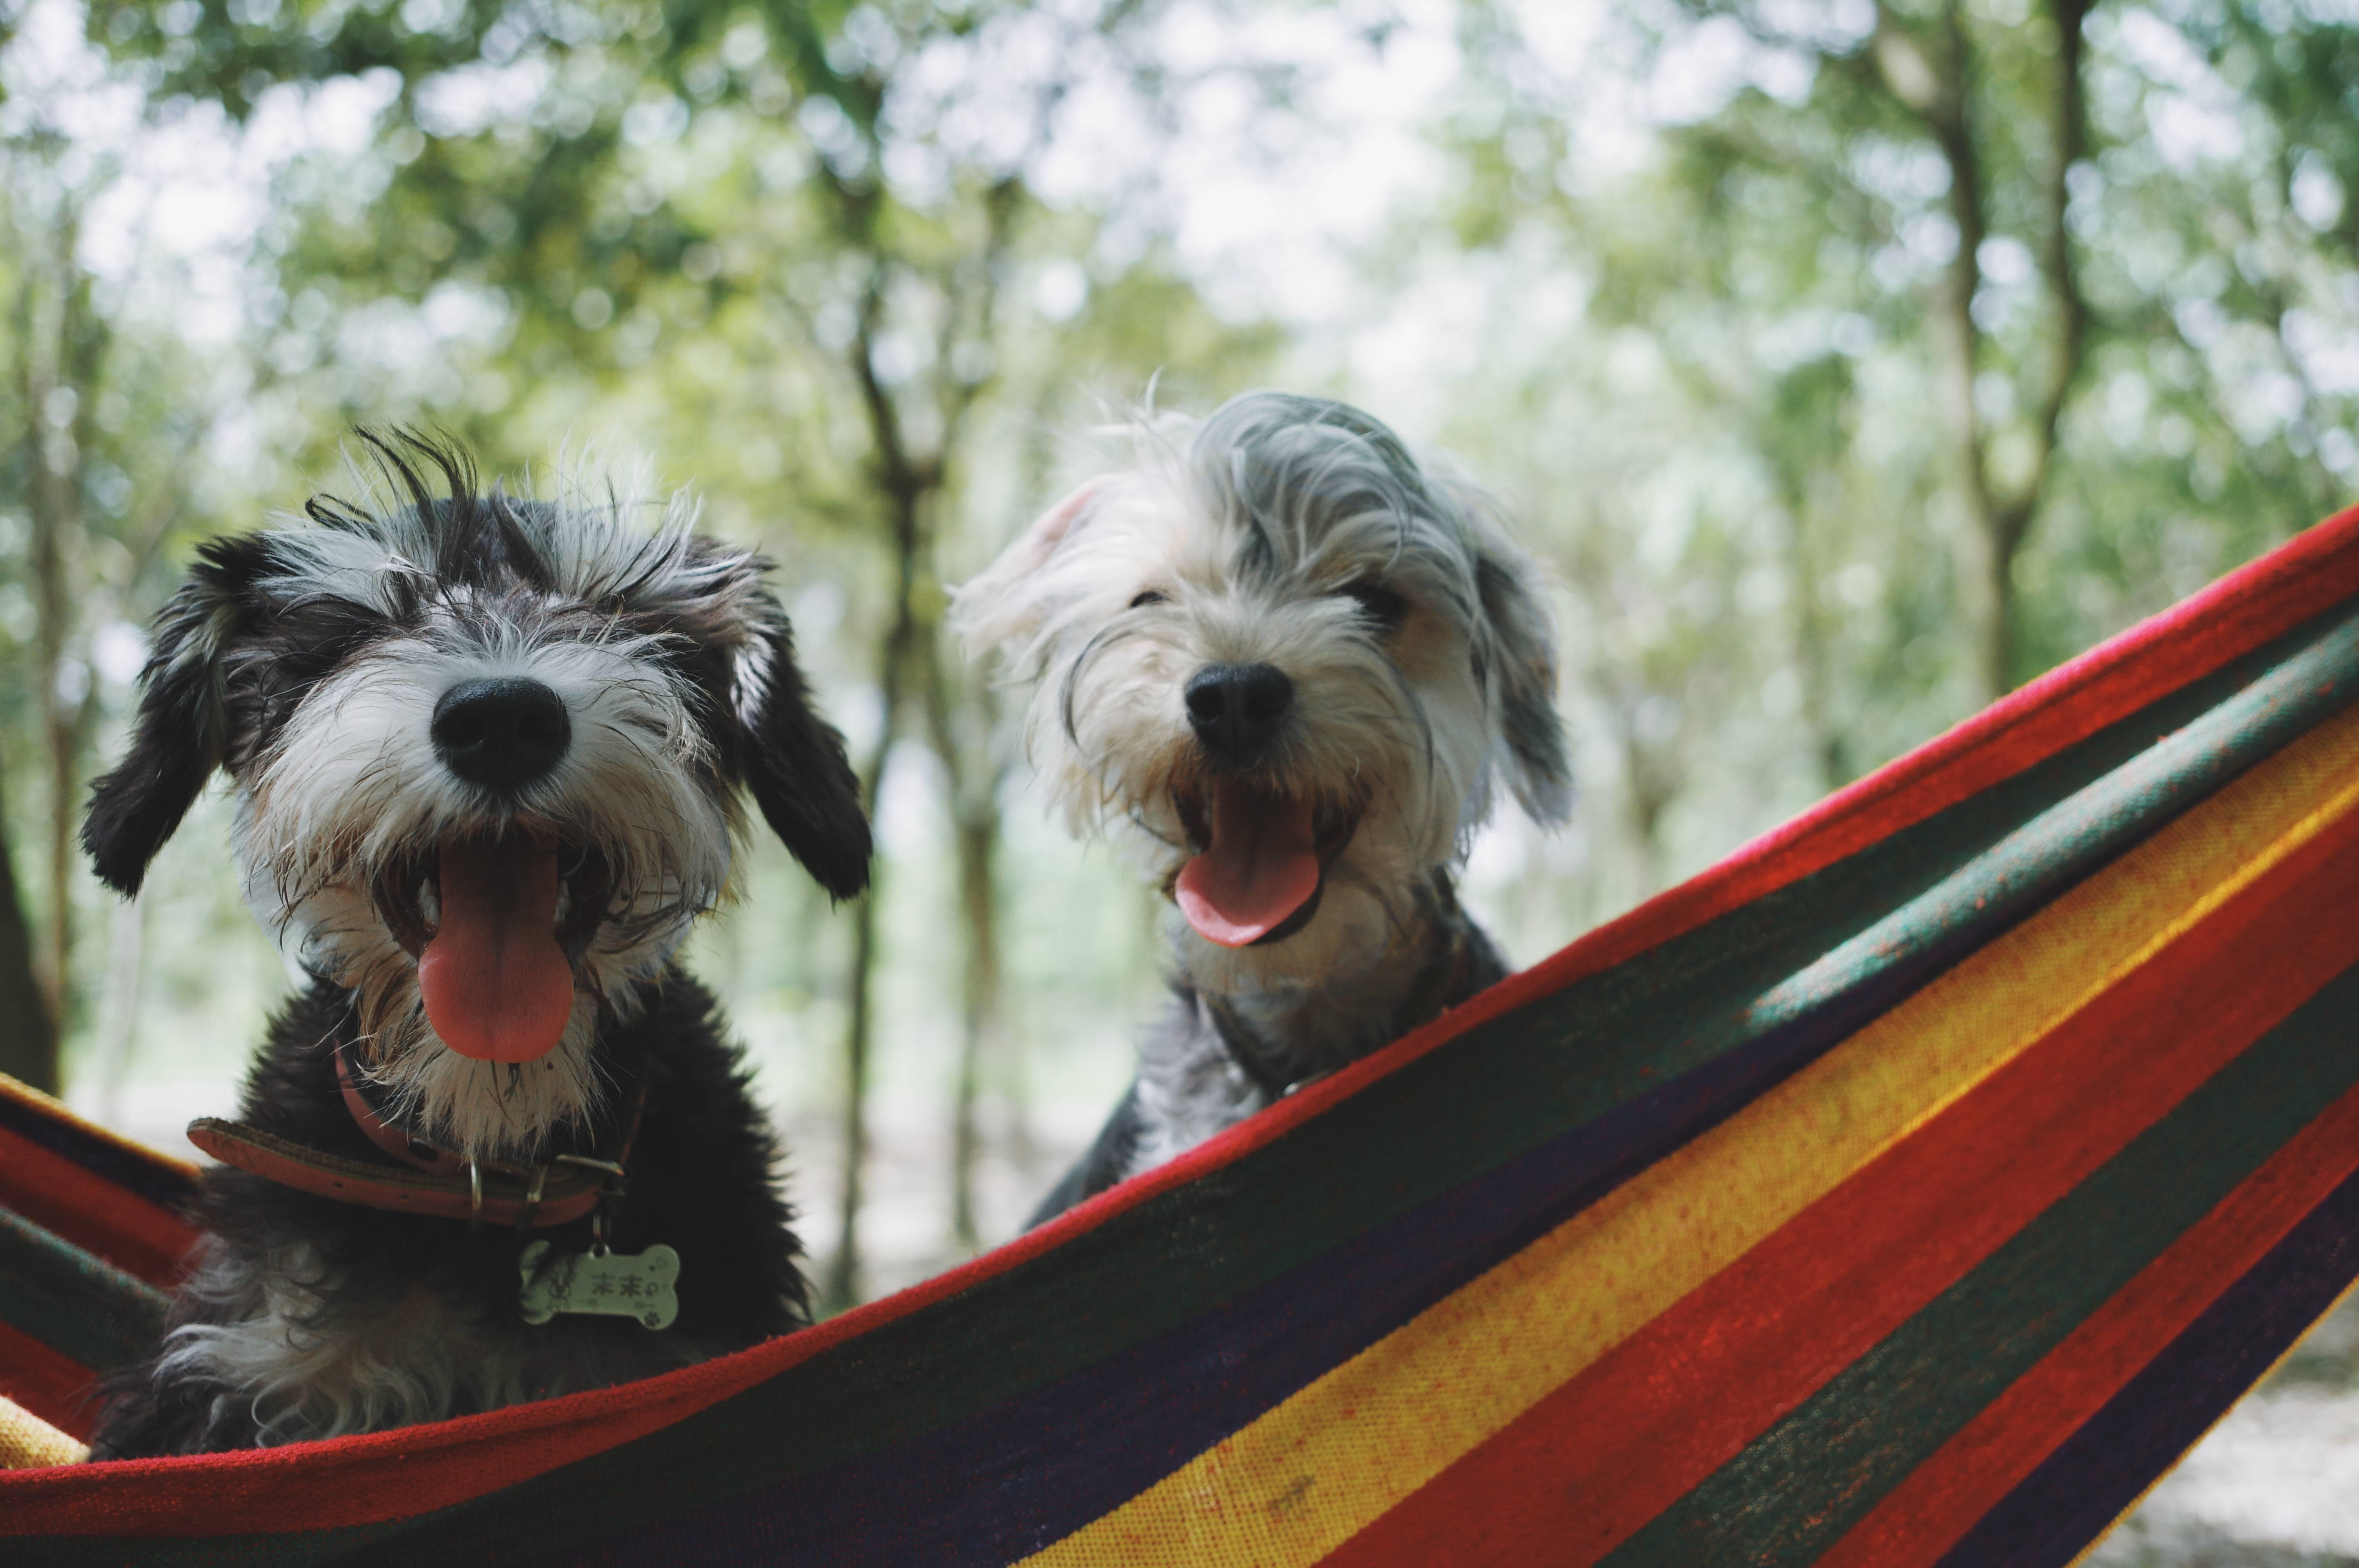 www.juicysantos.com.br - com quem ficam os pets em caso de divórcio